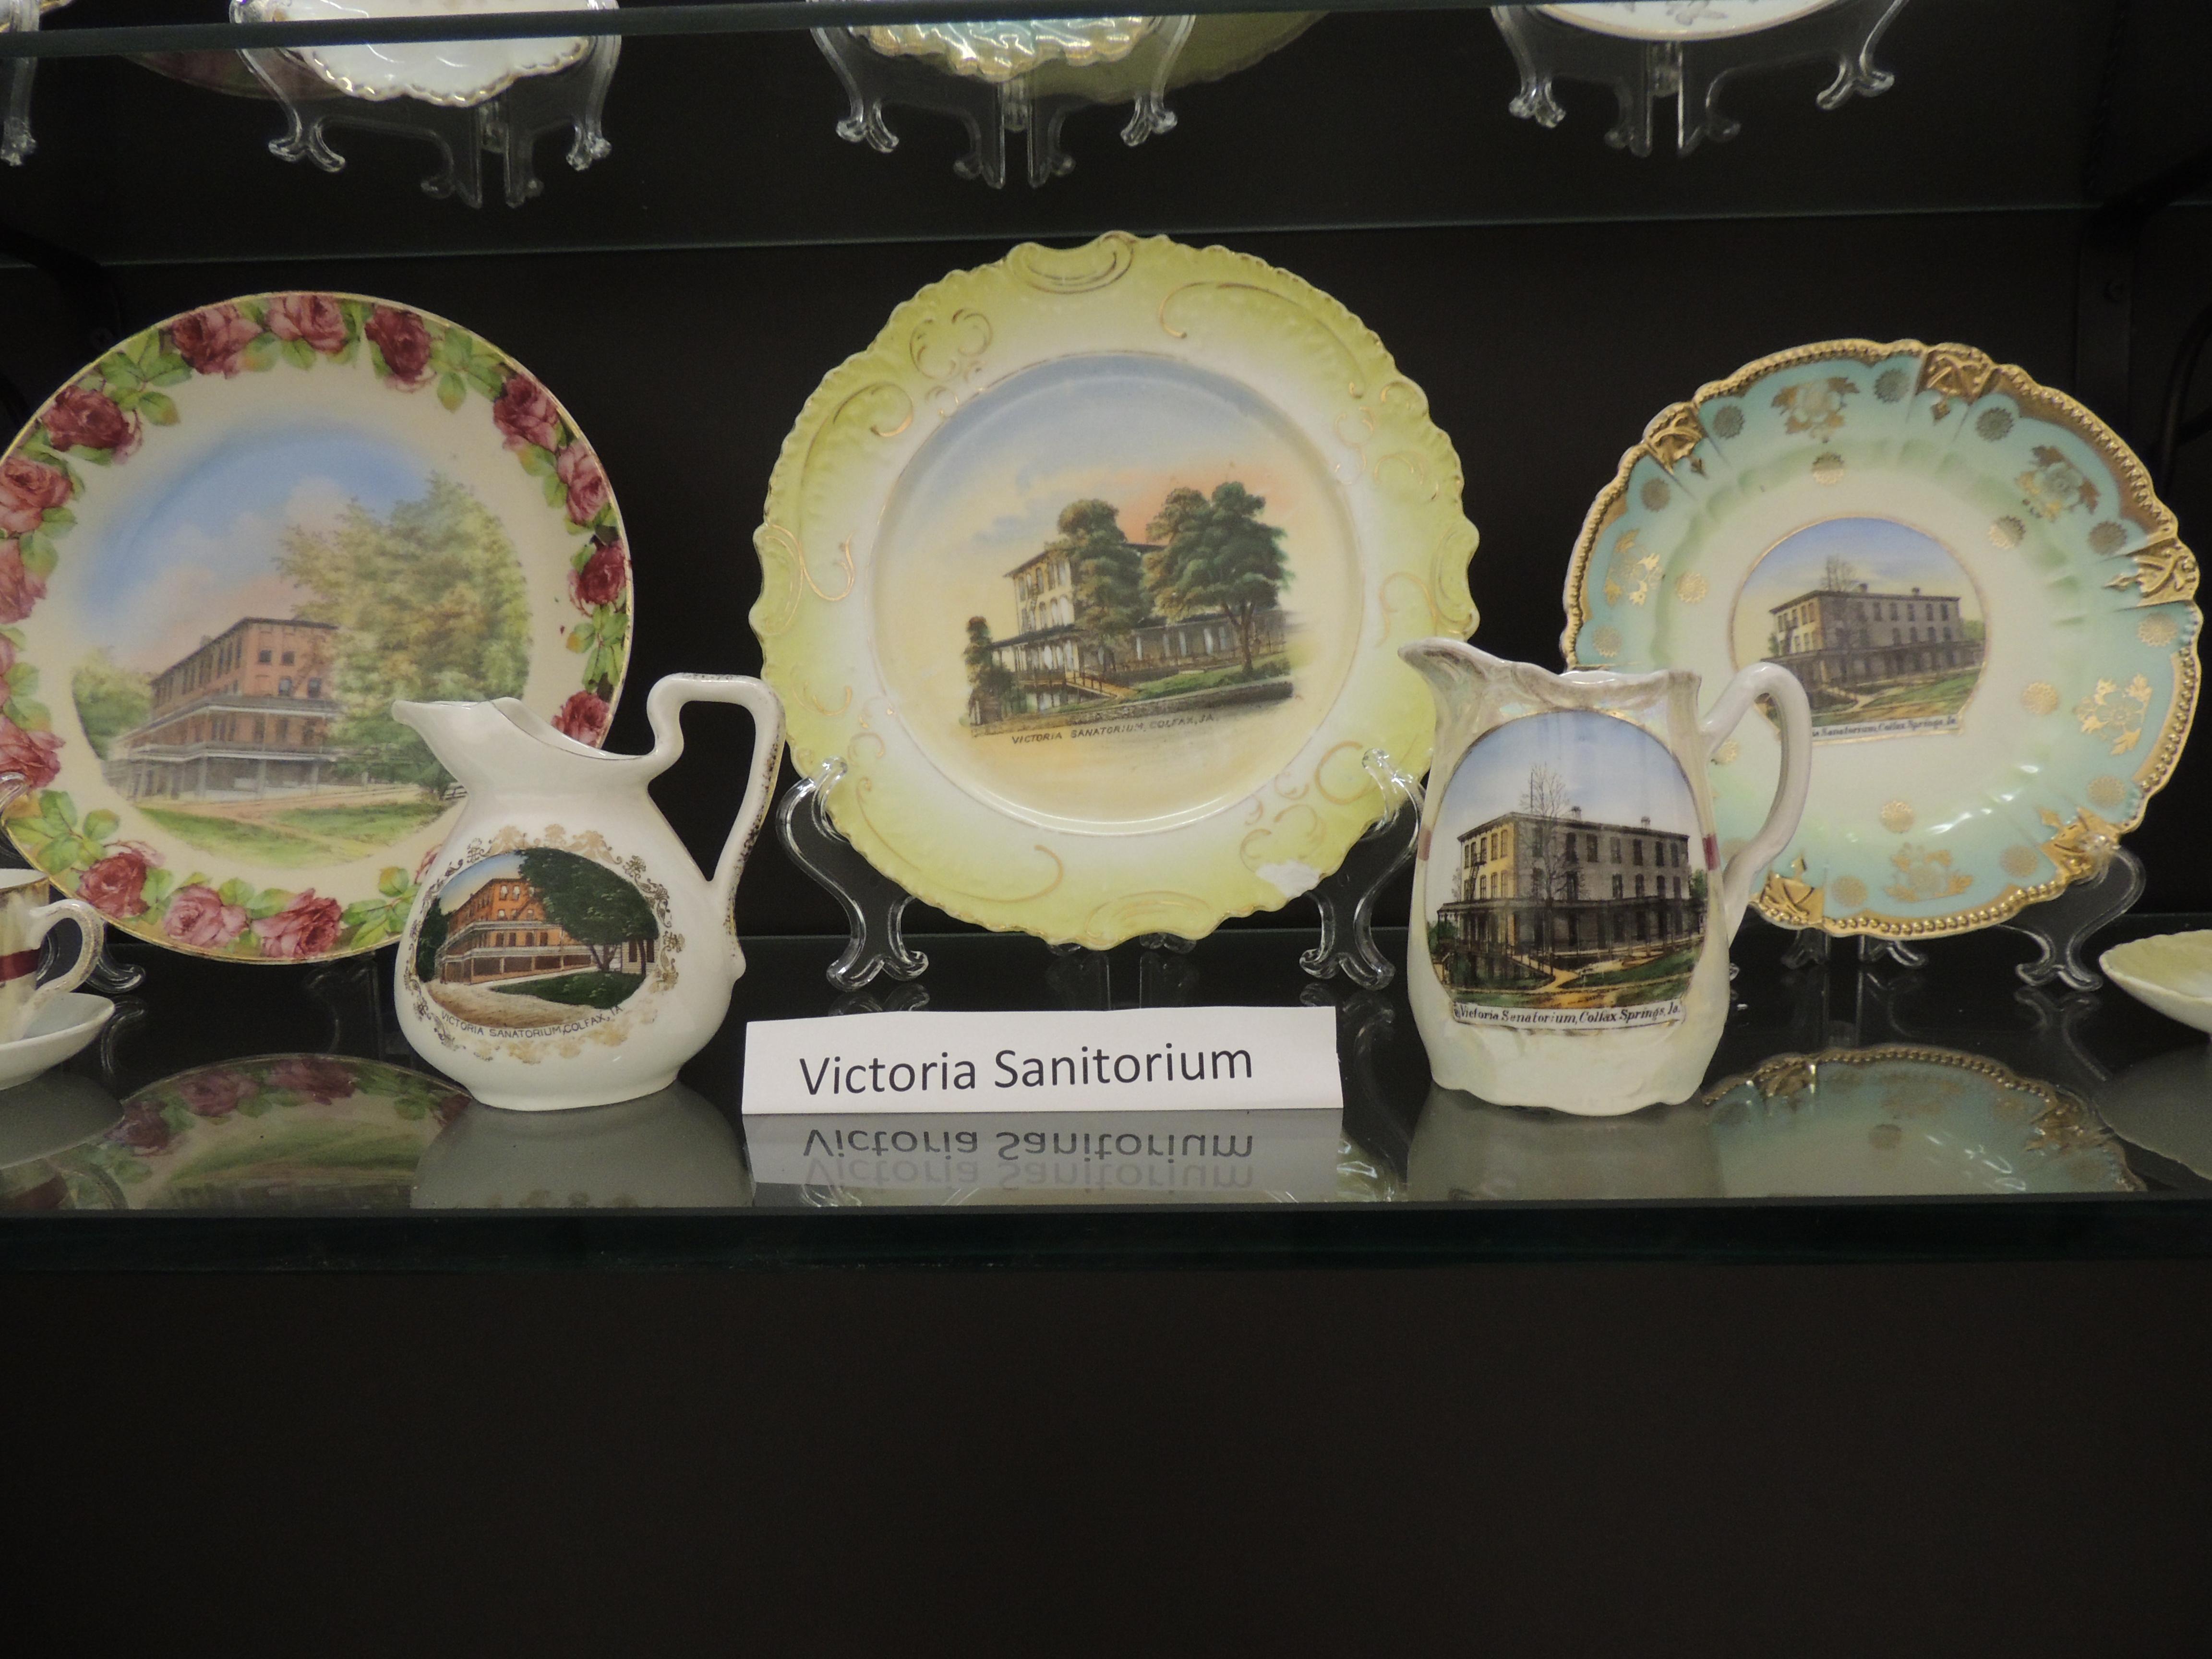 Victoria Sanitorium